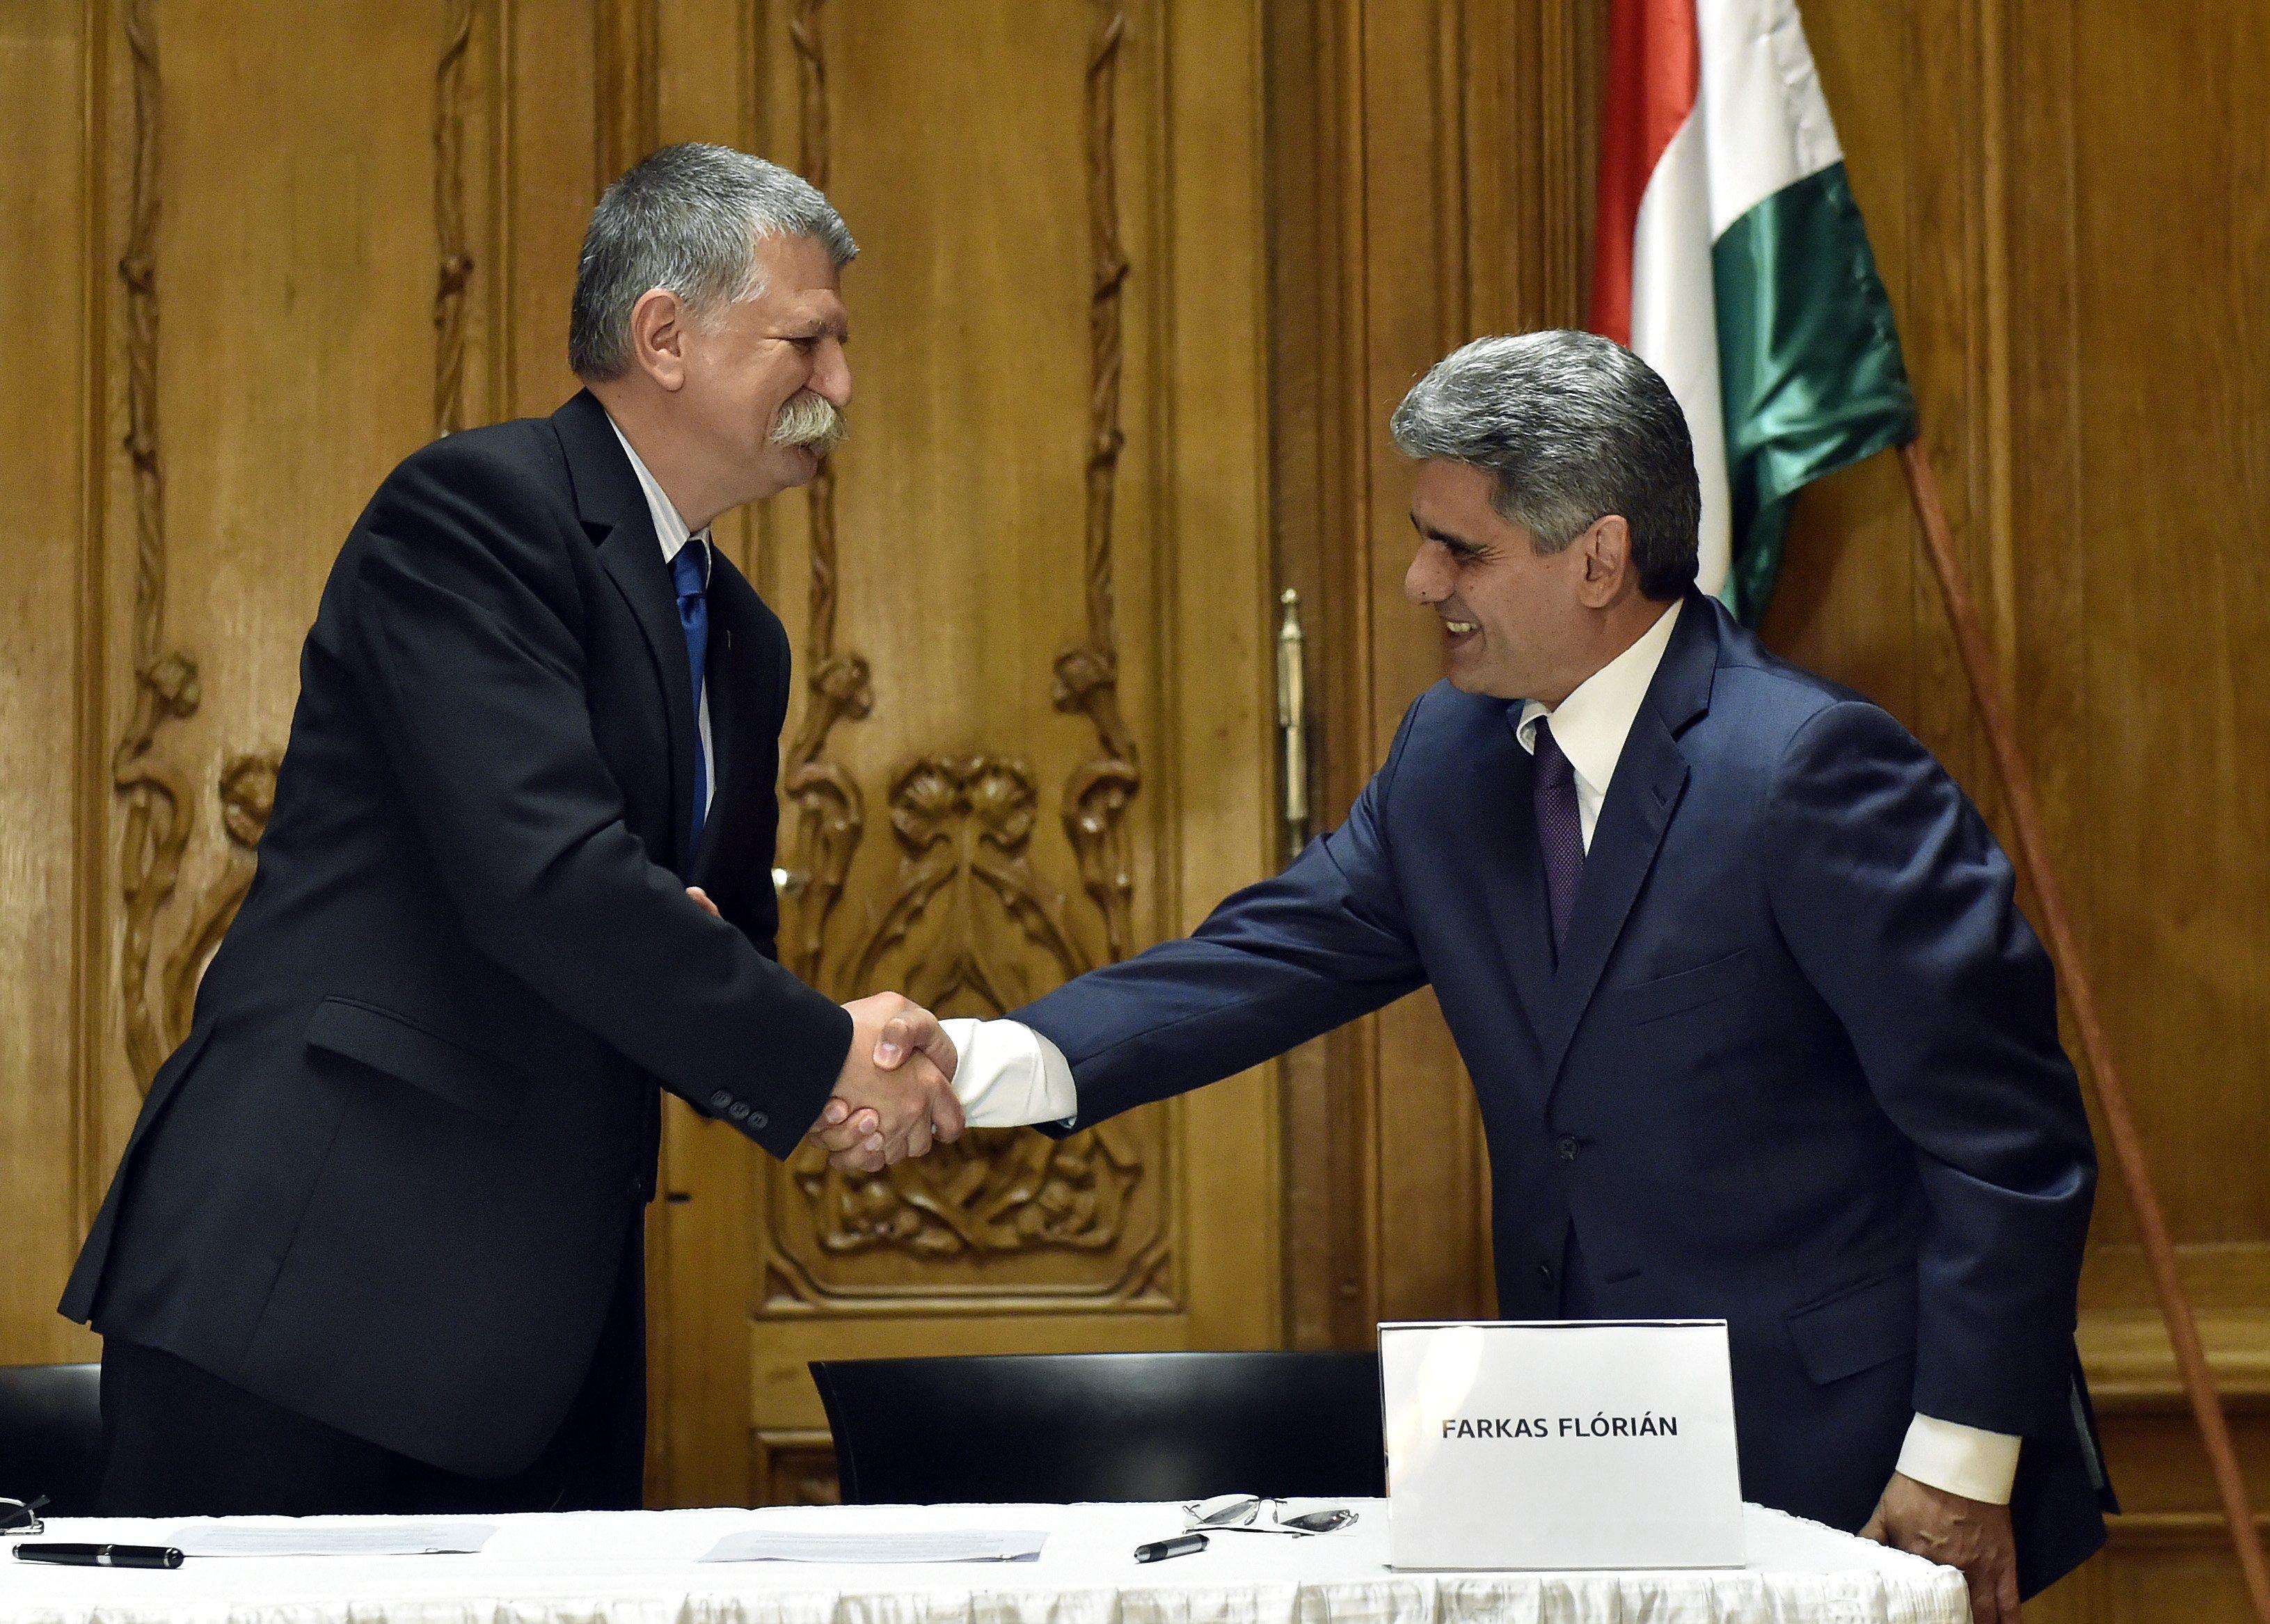 A Fidesznek nincs oka újragondolni az együttműködést Farkas Flóriánnal